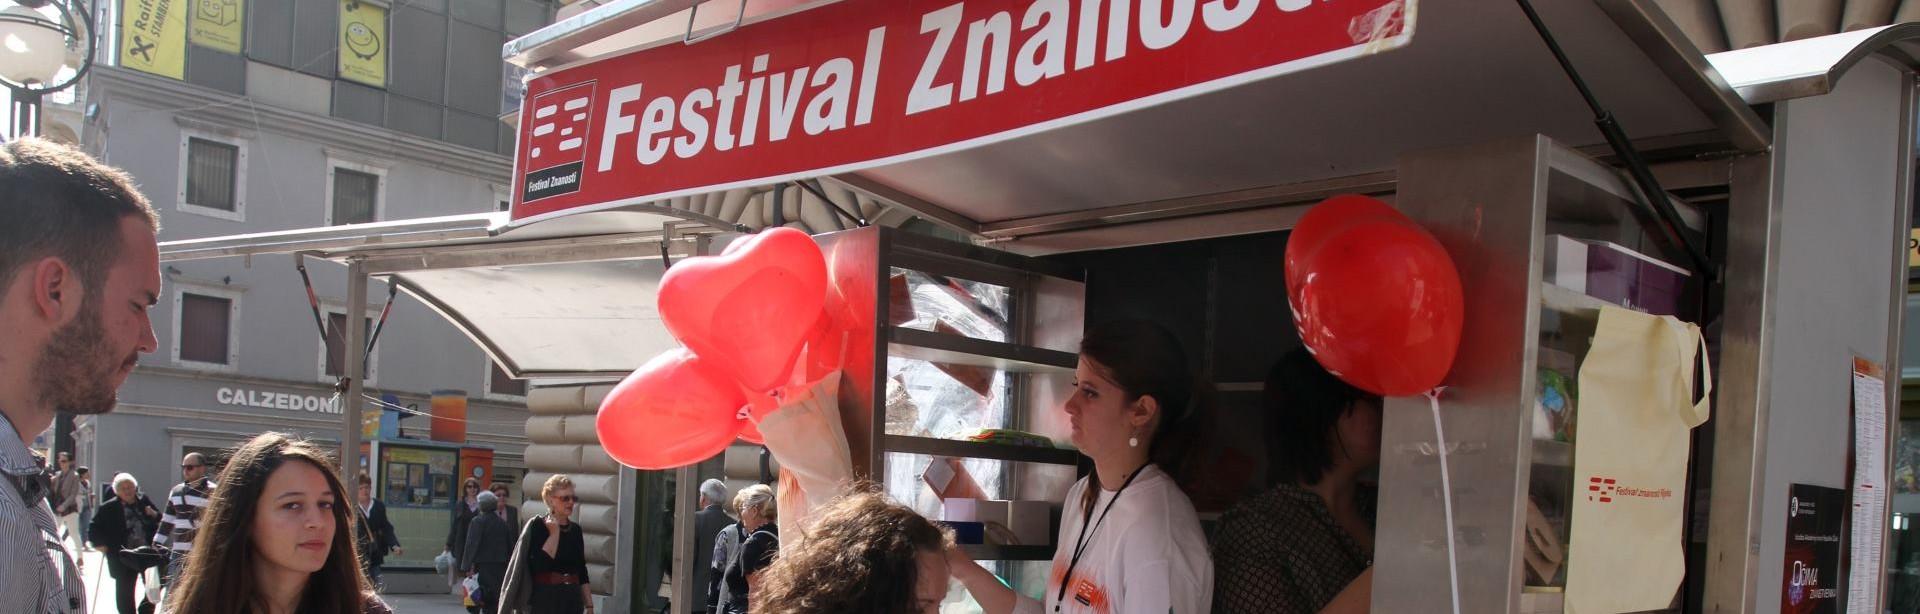 U PETNAESTAK HRVATSKIH GRADOVA Festival znanosti ove je godine posvećen Suncu